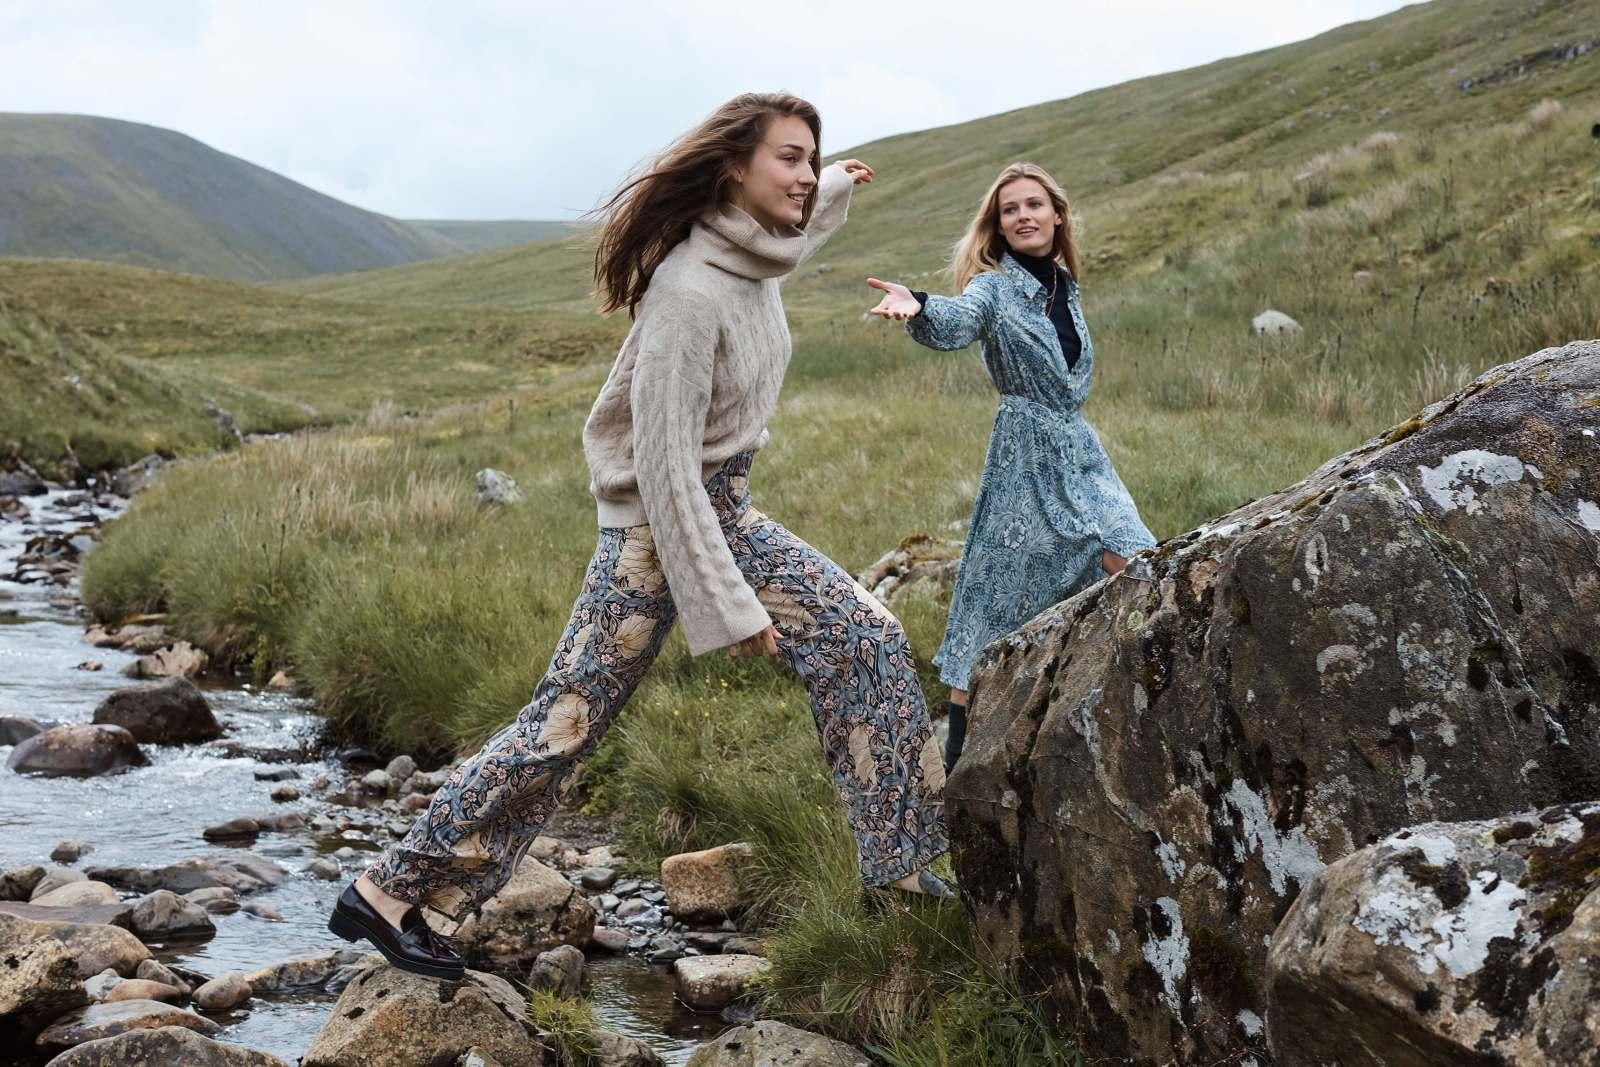 Two women in Morris prints walking by a stream